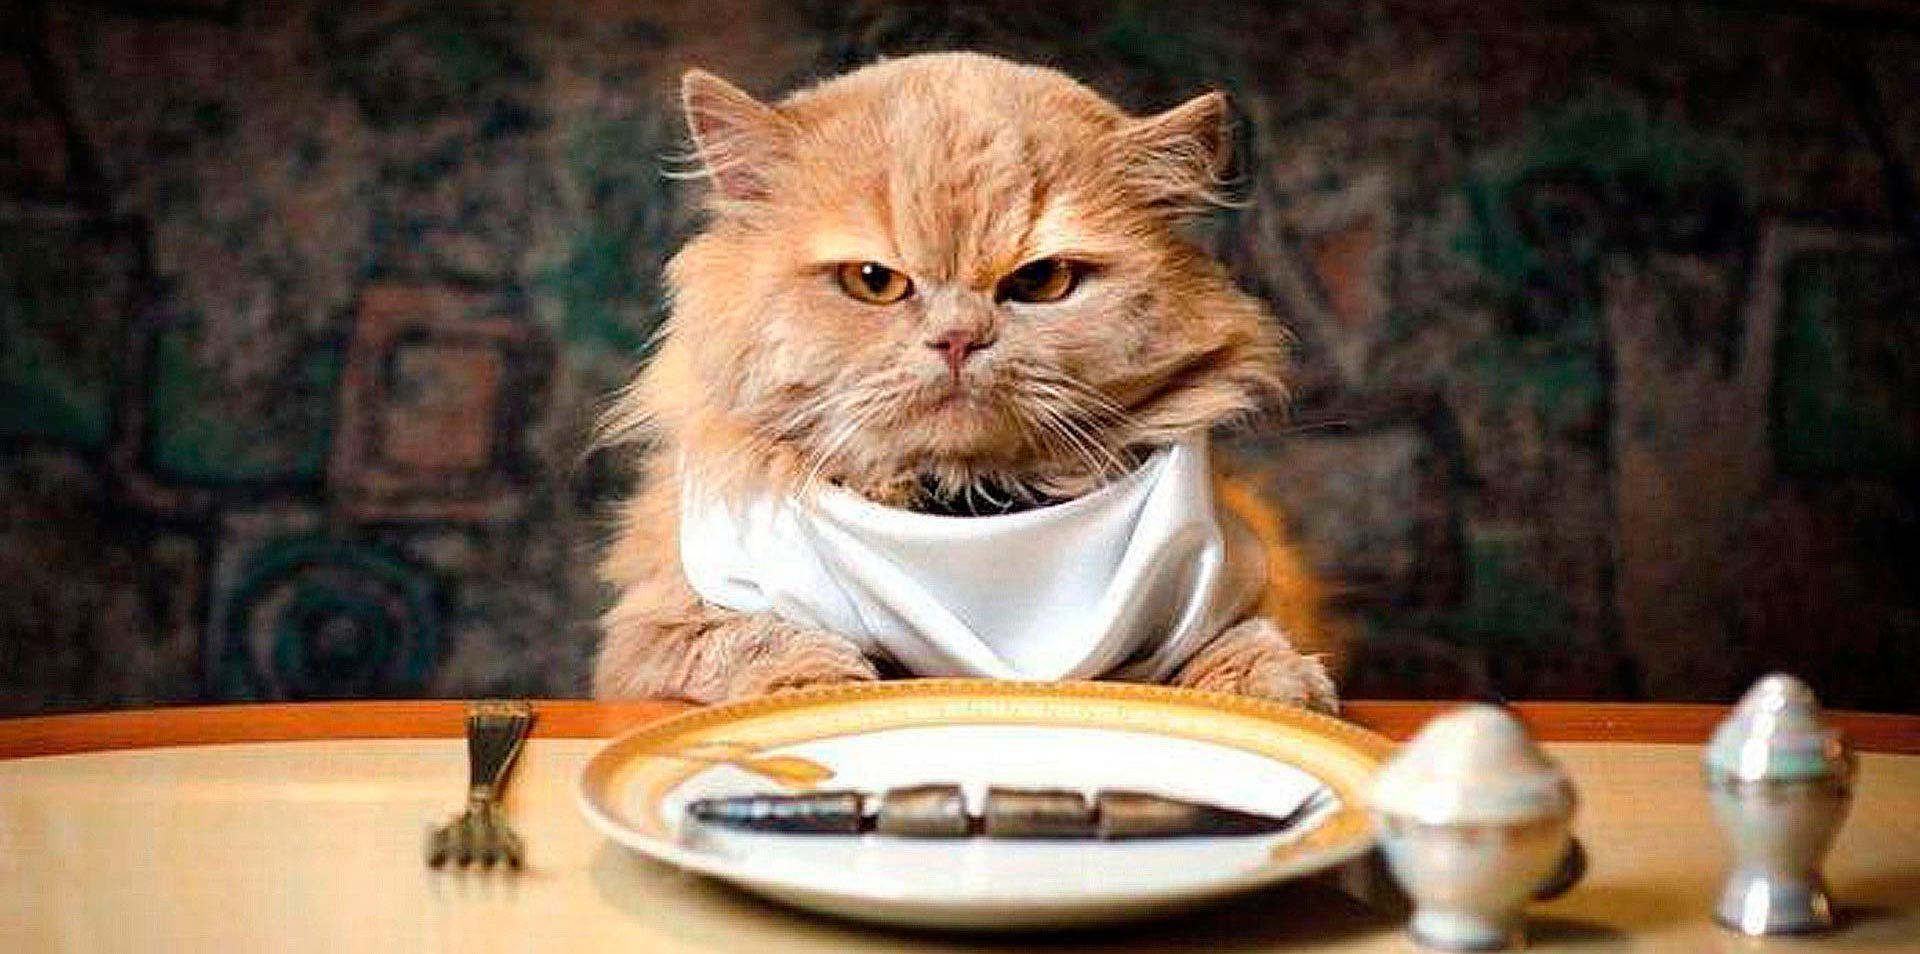 Смешные картинки за обедом